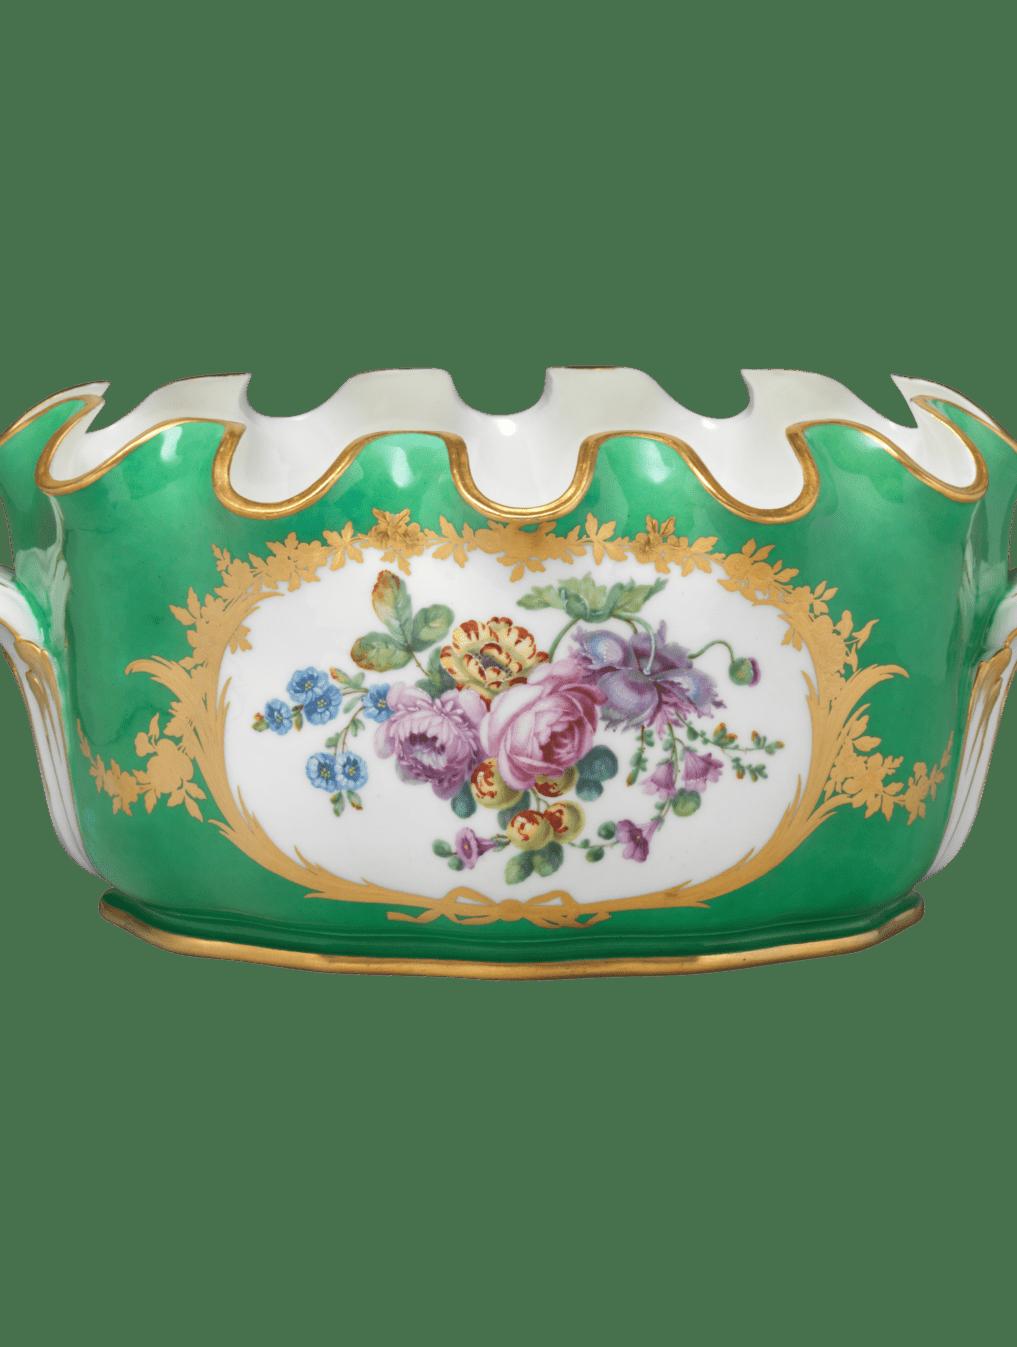 Jardinière en porcelaine de Sèvres. Vert et fleurs. XVIIIe siècle.